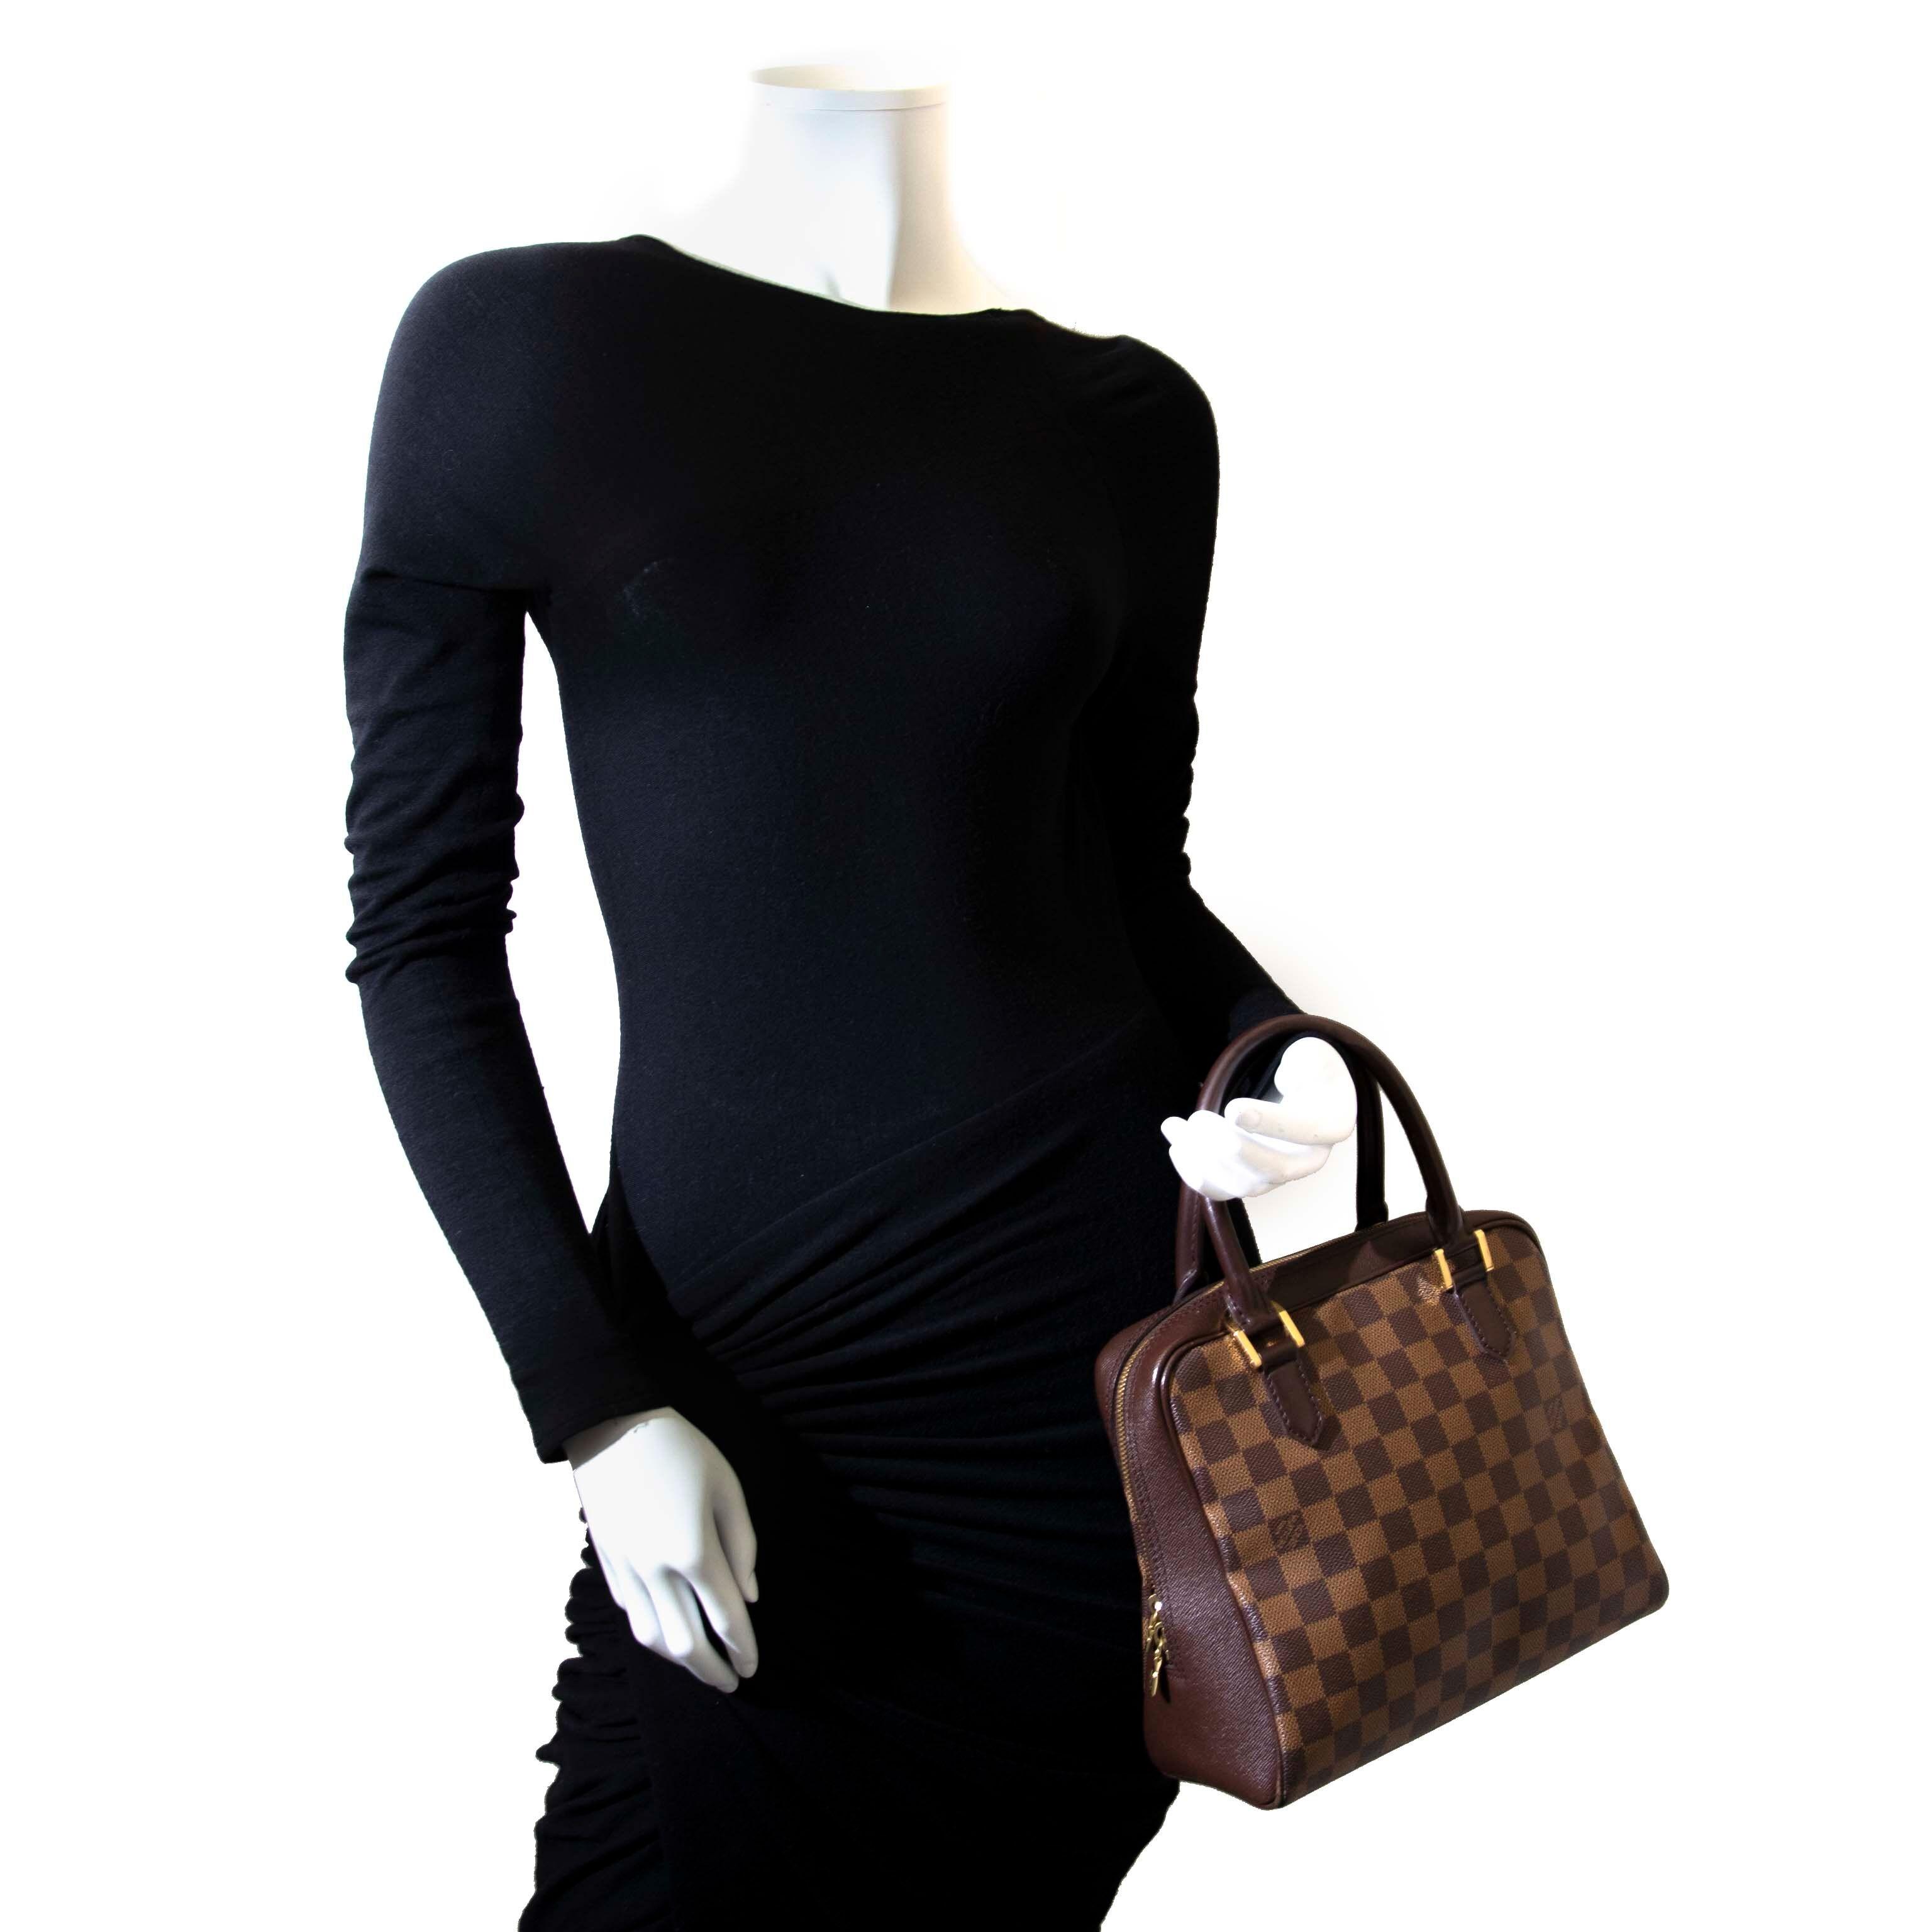 85085d8b02cb Louis Vuitton Damier Ebene Brera Koop veilig online tegen de beste prijs  tweedehands Louis Vuitton Damier Ebene Brera.